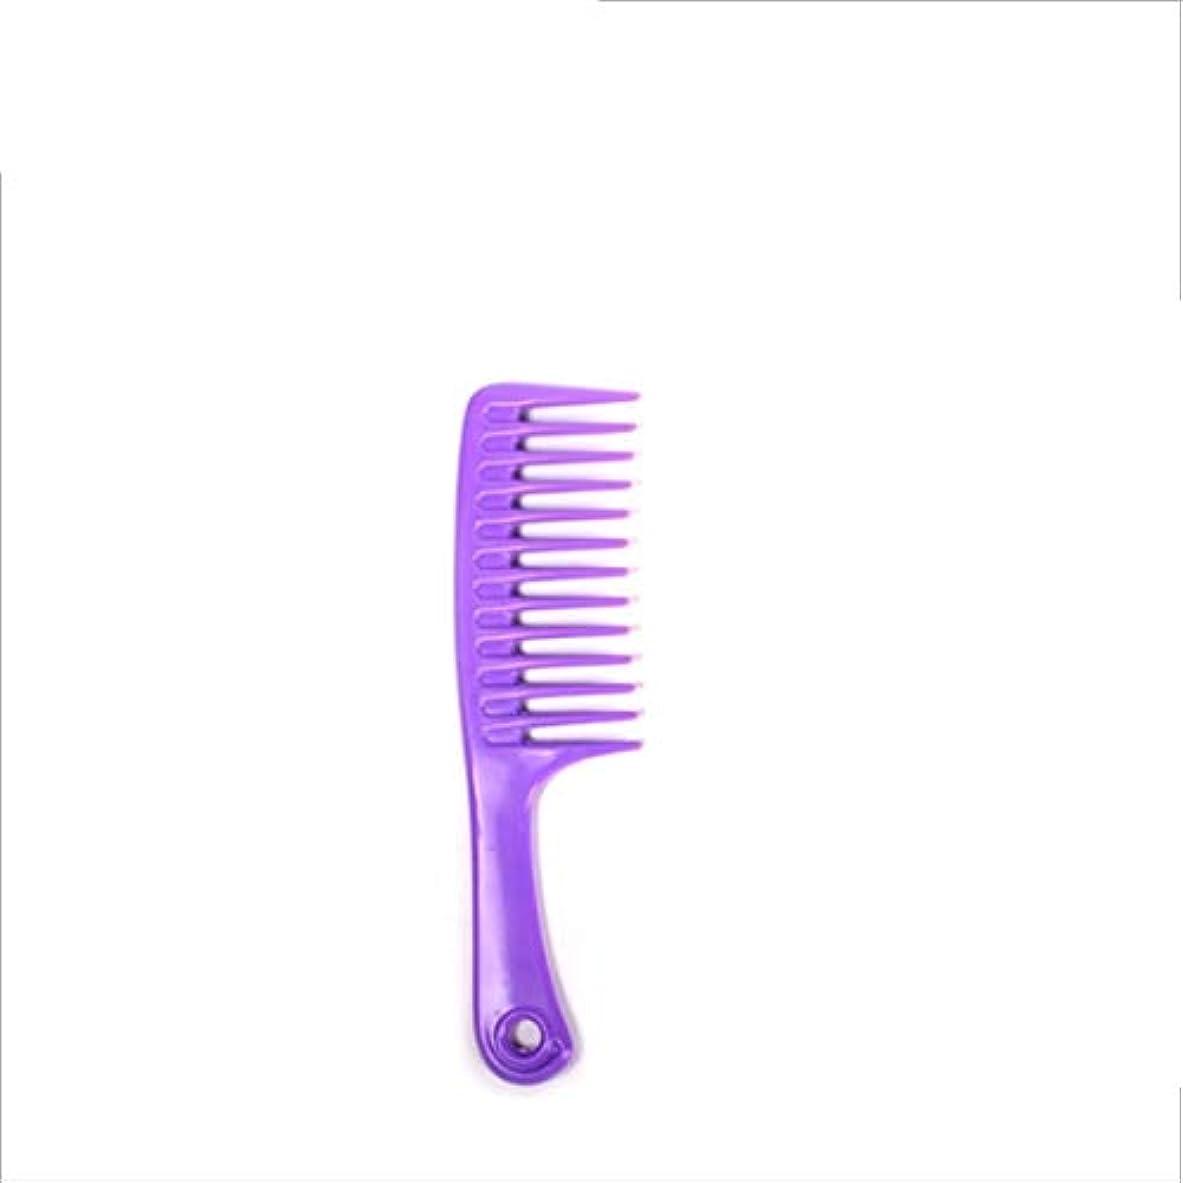 エスカレート失業取り出すプラスチックのための大きい歯が付いているゴム製櫛および色のVary-24.5cmの帯電防止ほぐれの櫛 ヘアケア (色 : 紫の)